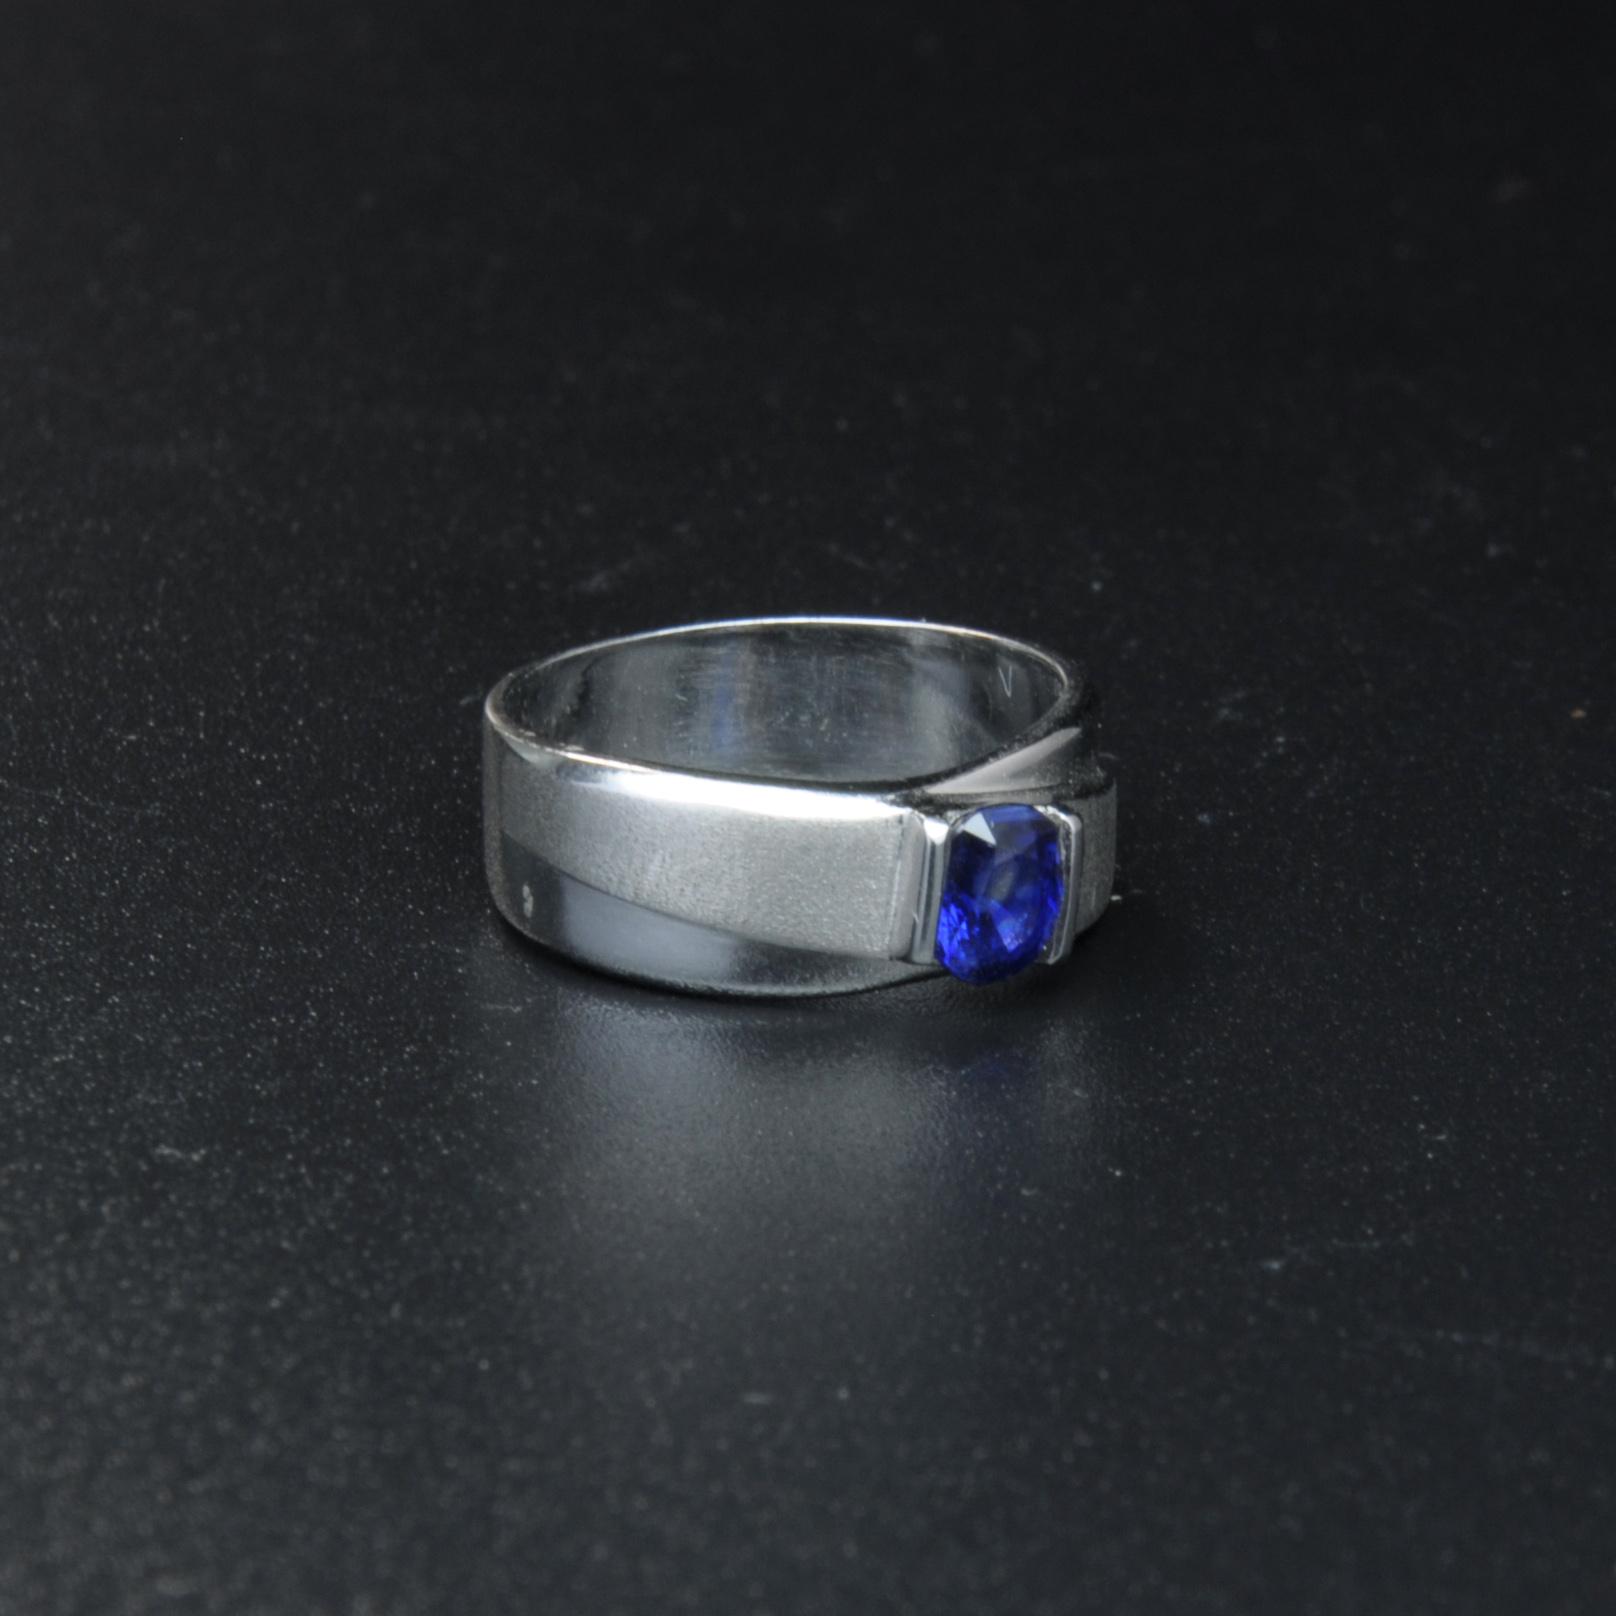 圖示-藍寶白K金戒指(Sapphire Ring)